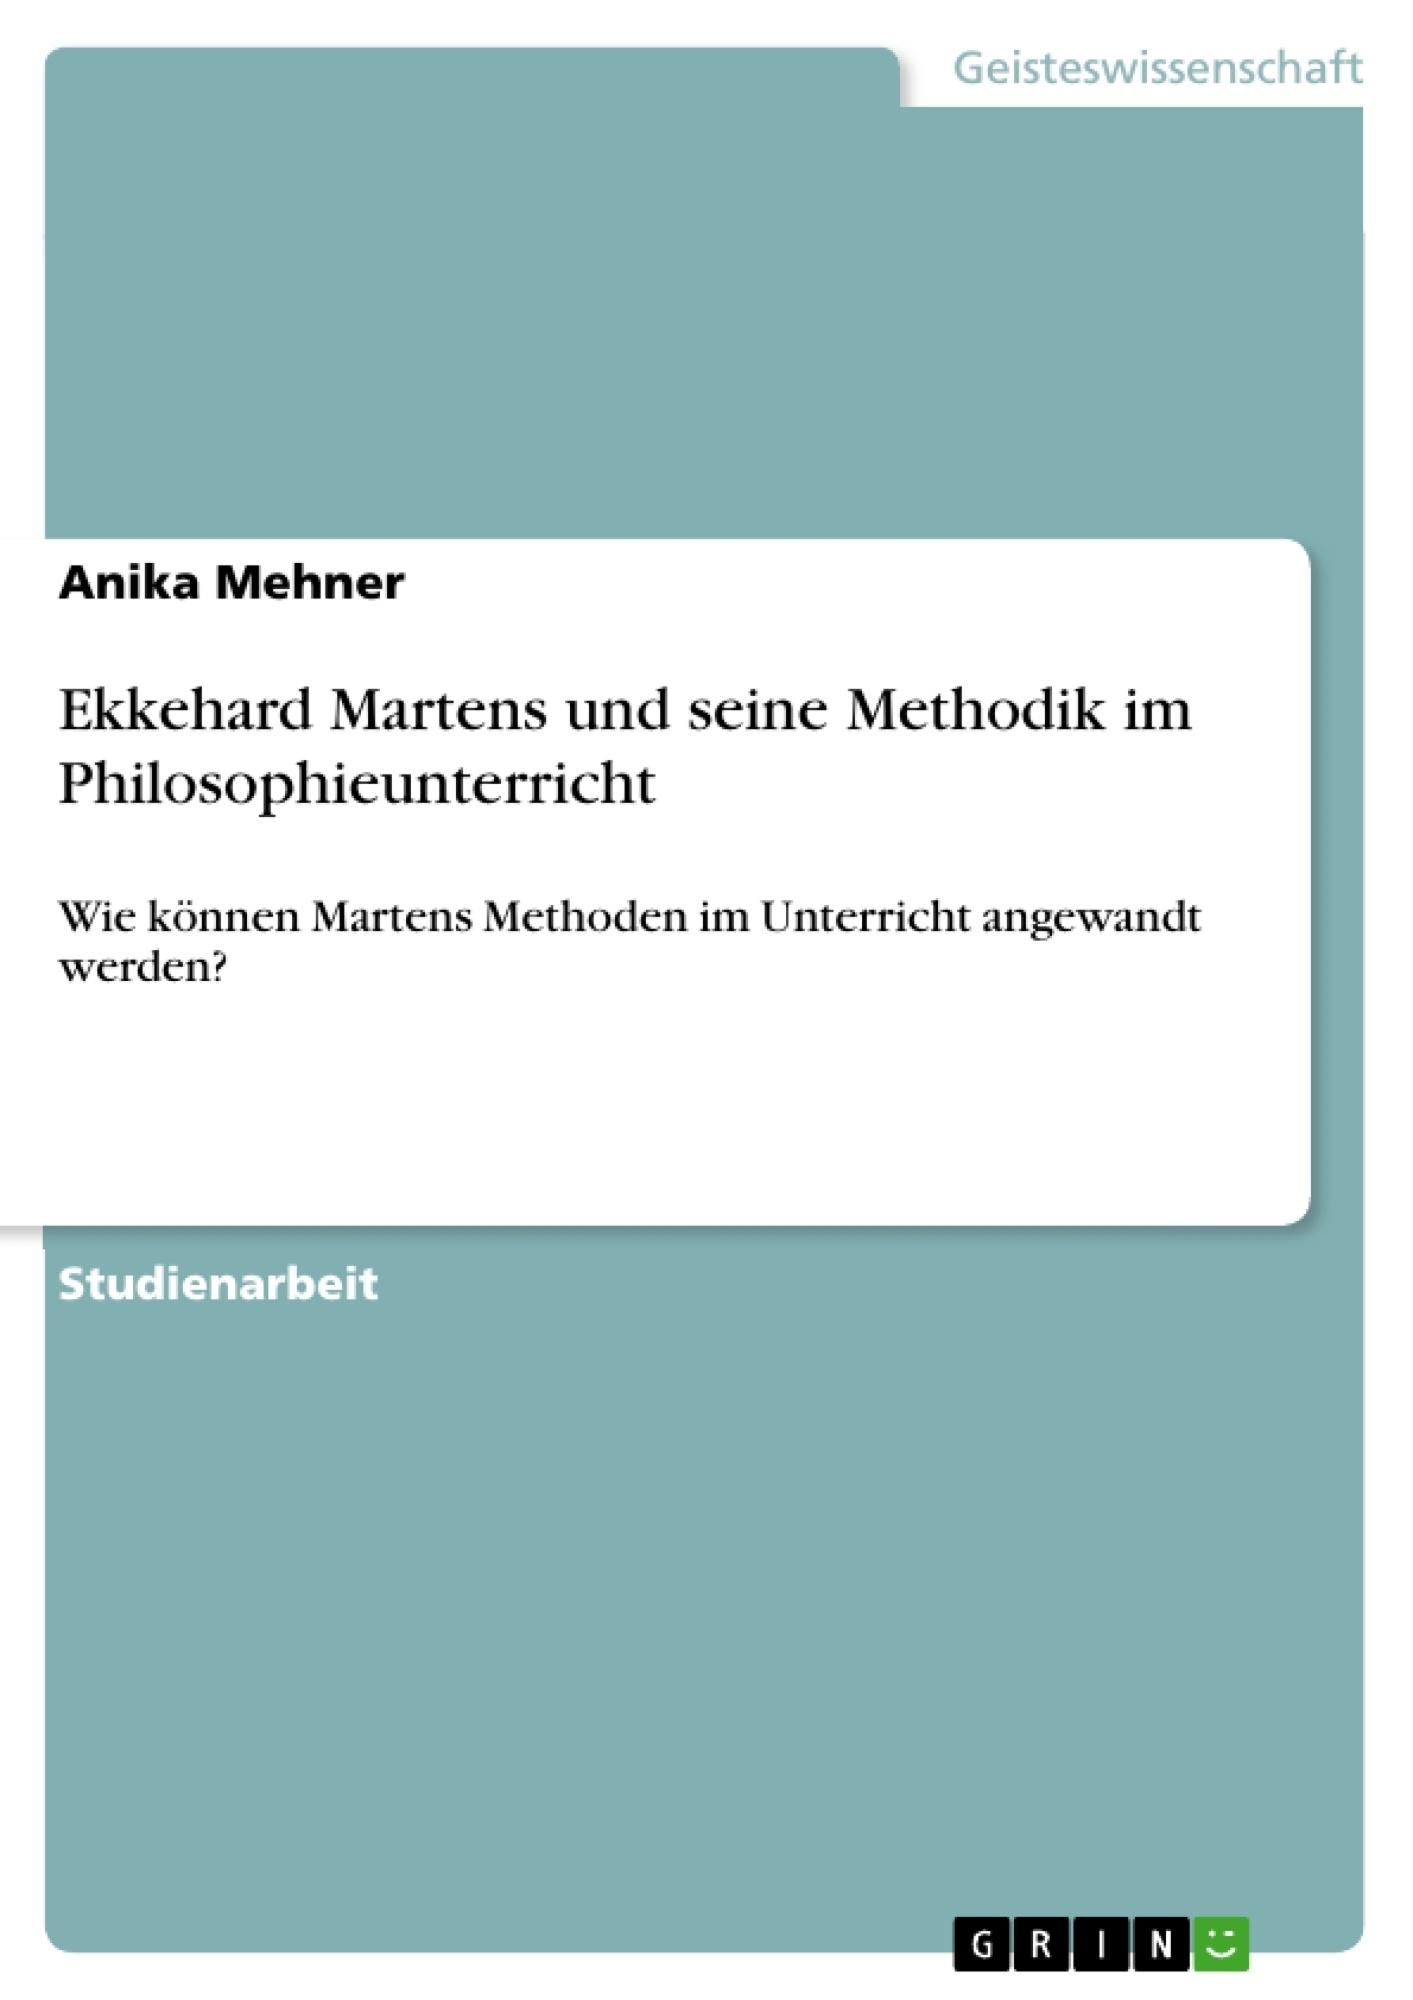 Titel: Ekkehard Martens und seine Methodik im Philosophieunterricht